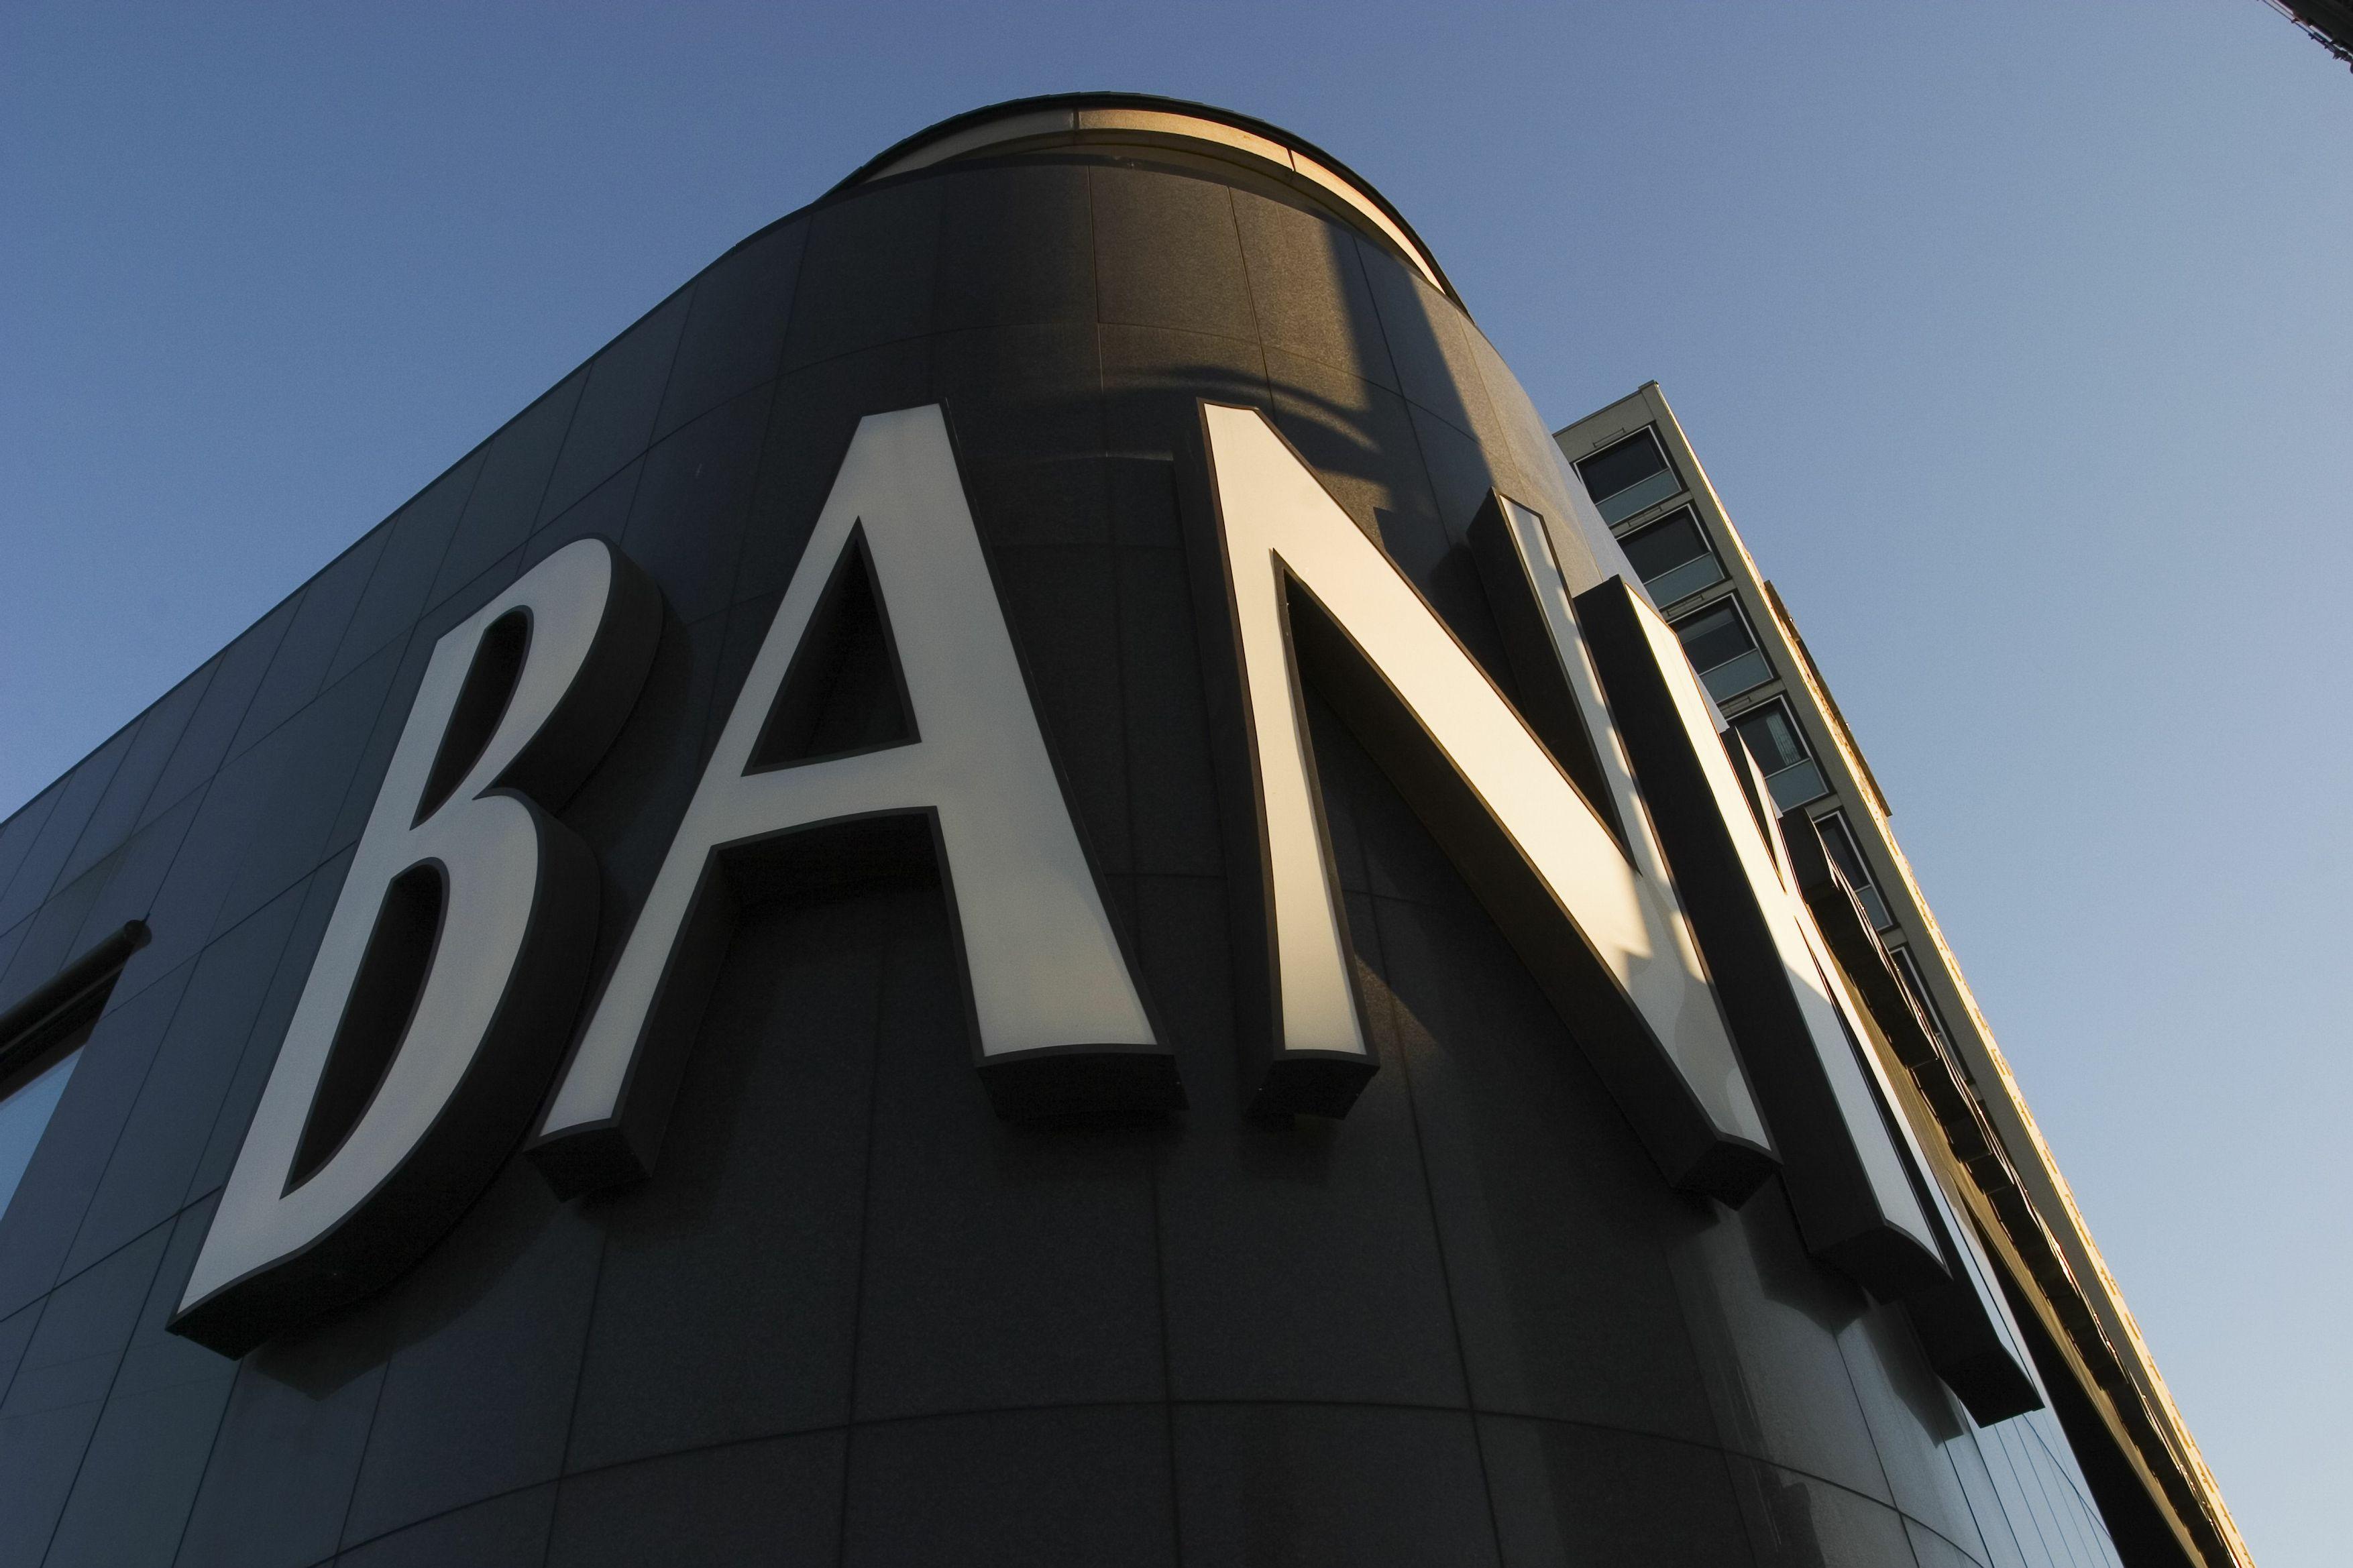 银行低估值之谜:为何ROE这么高,PB却长期低于其他行业,而且长期破净?